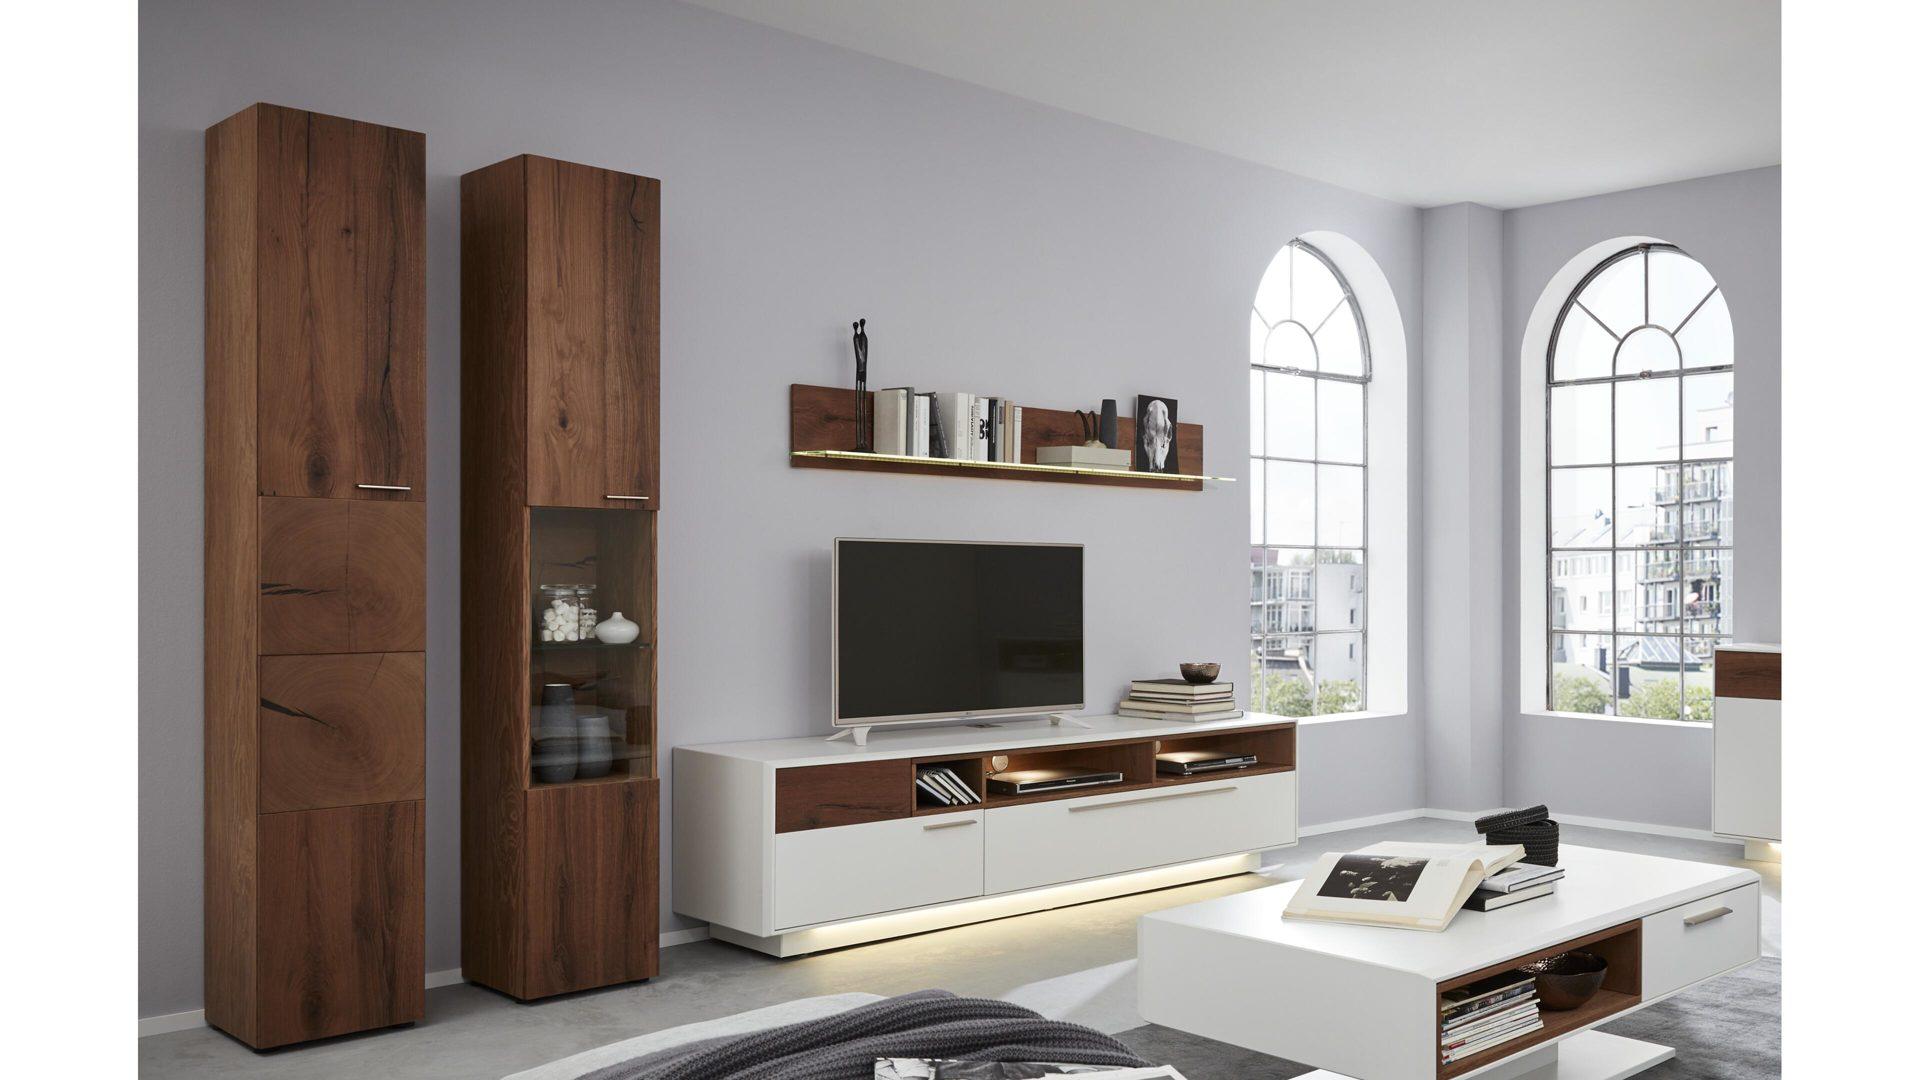 Interliving Wohnzimmer Serie 2102 Wohnkombination 510804s Mit